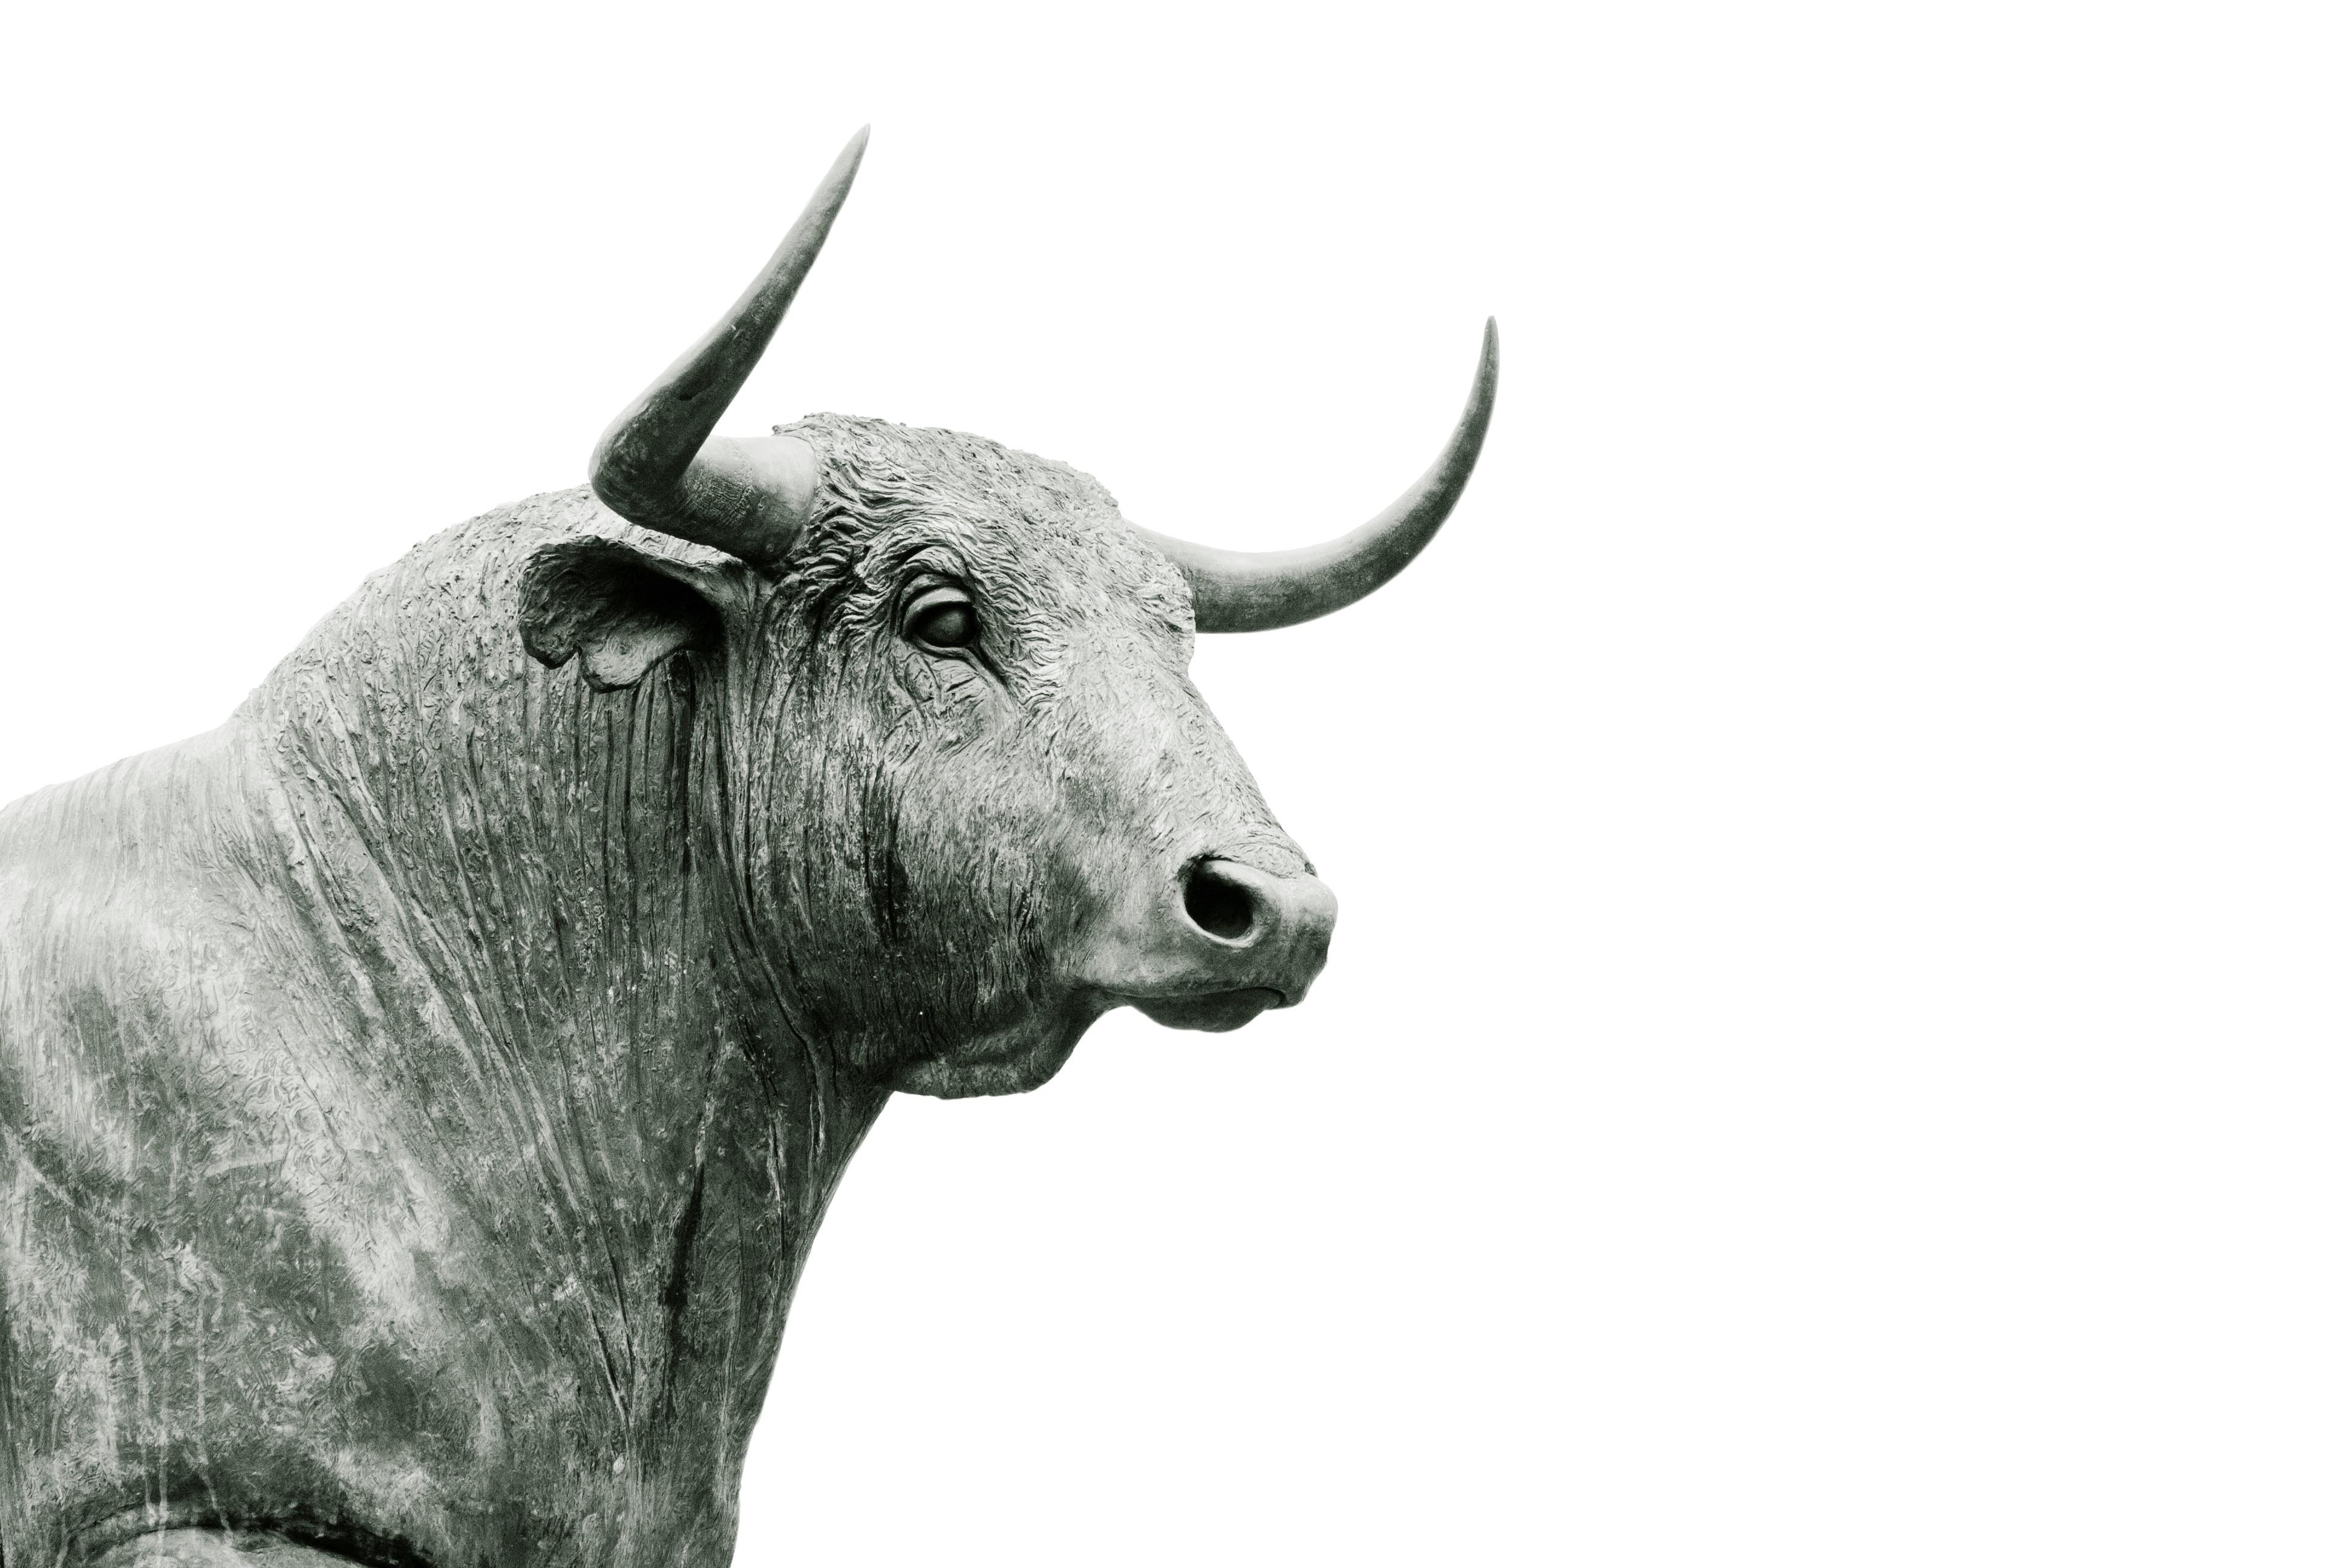 images gratuites animal statue corne taureau sculpture t te b uf b tail comme le. Black Bedroom Furniture Sets. Home Design Ideas